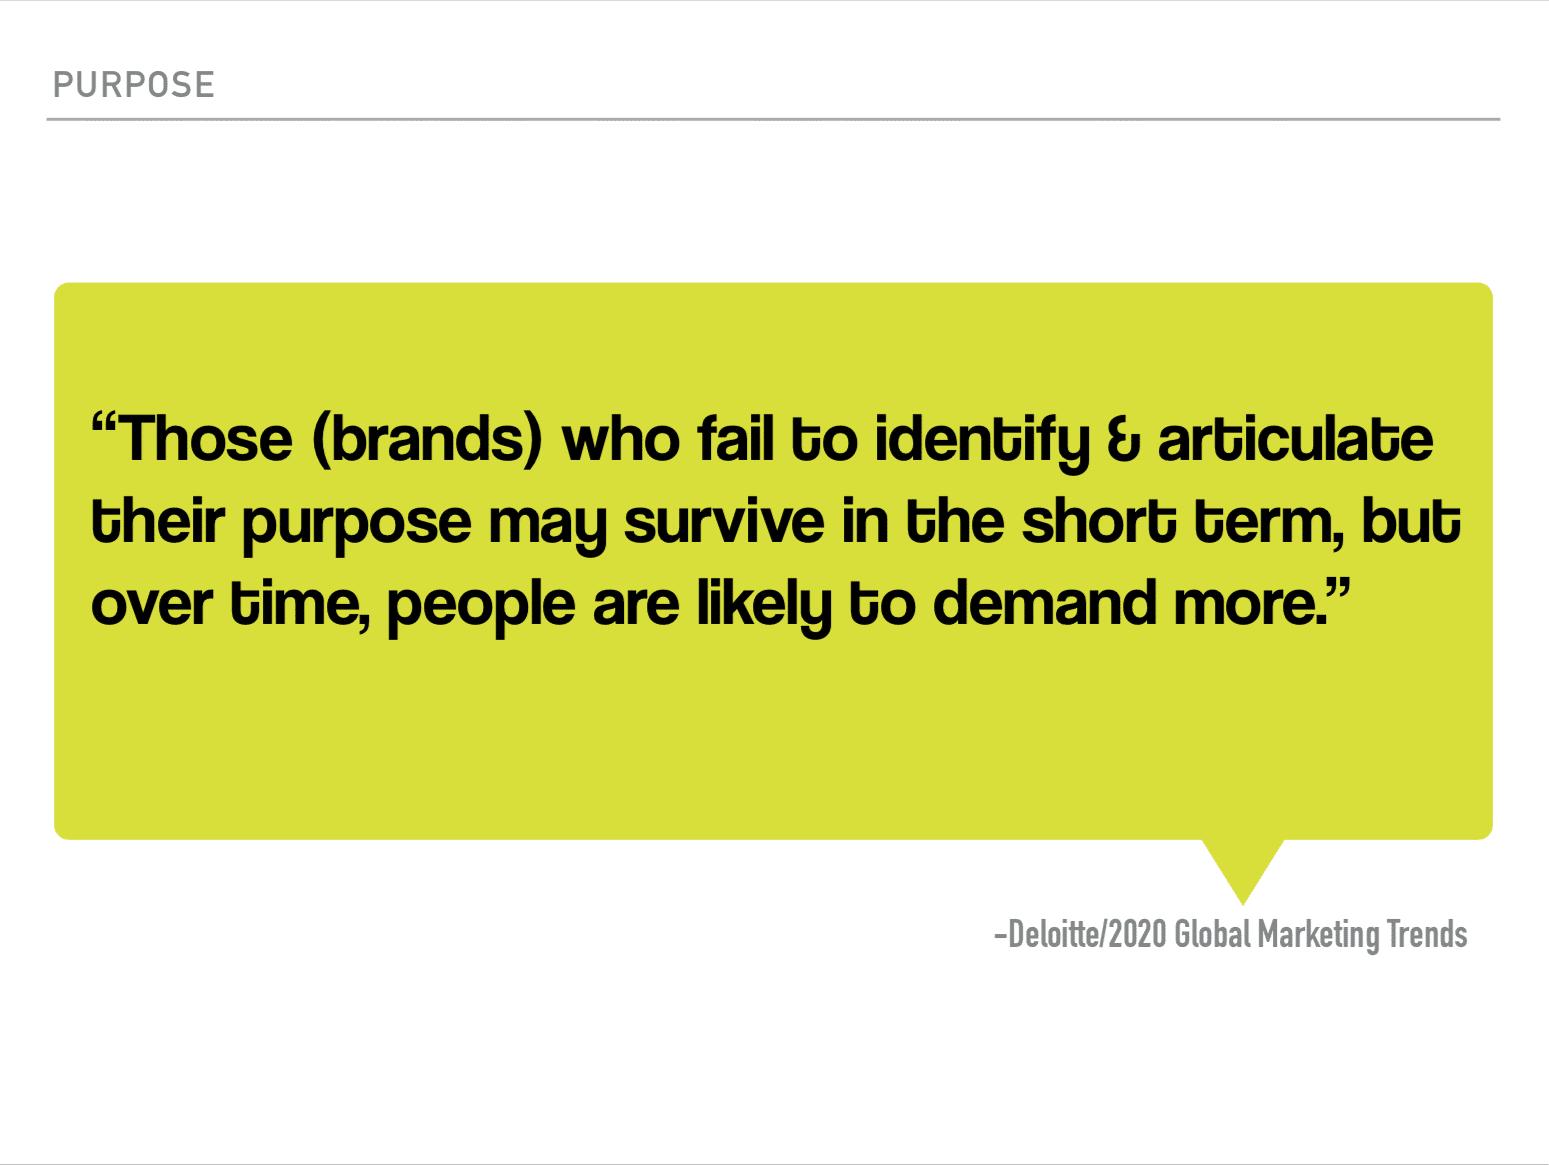 Deloitte purpose driven brand quote